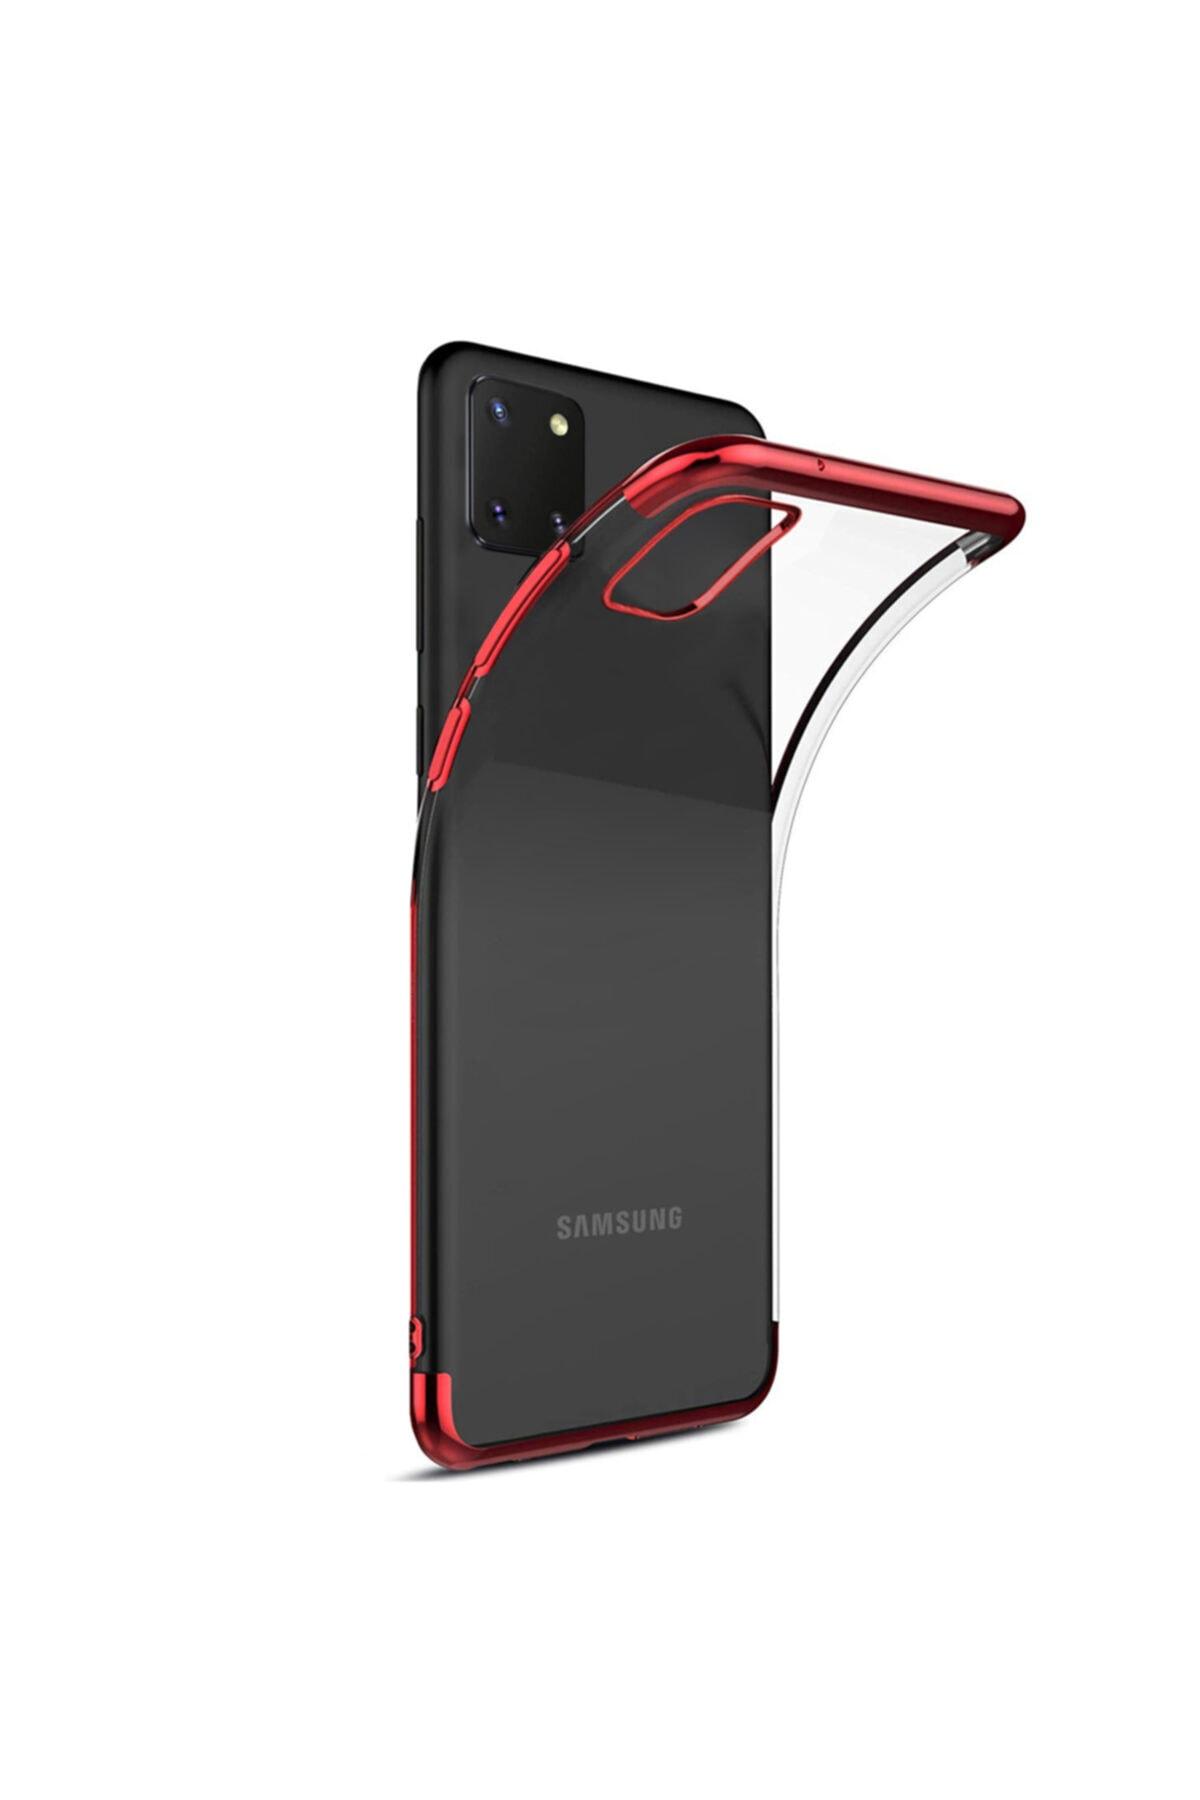 Microsonic Microsonic Galaxy Note 10 Lite Kılıf Skyfall Transparent Clear Kırmızı 2